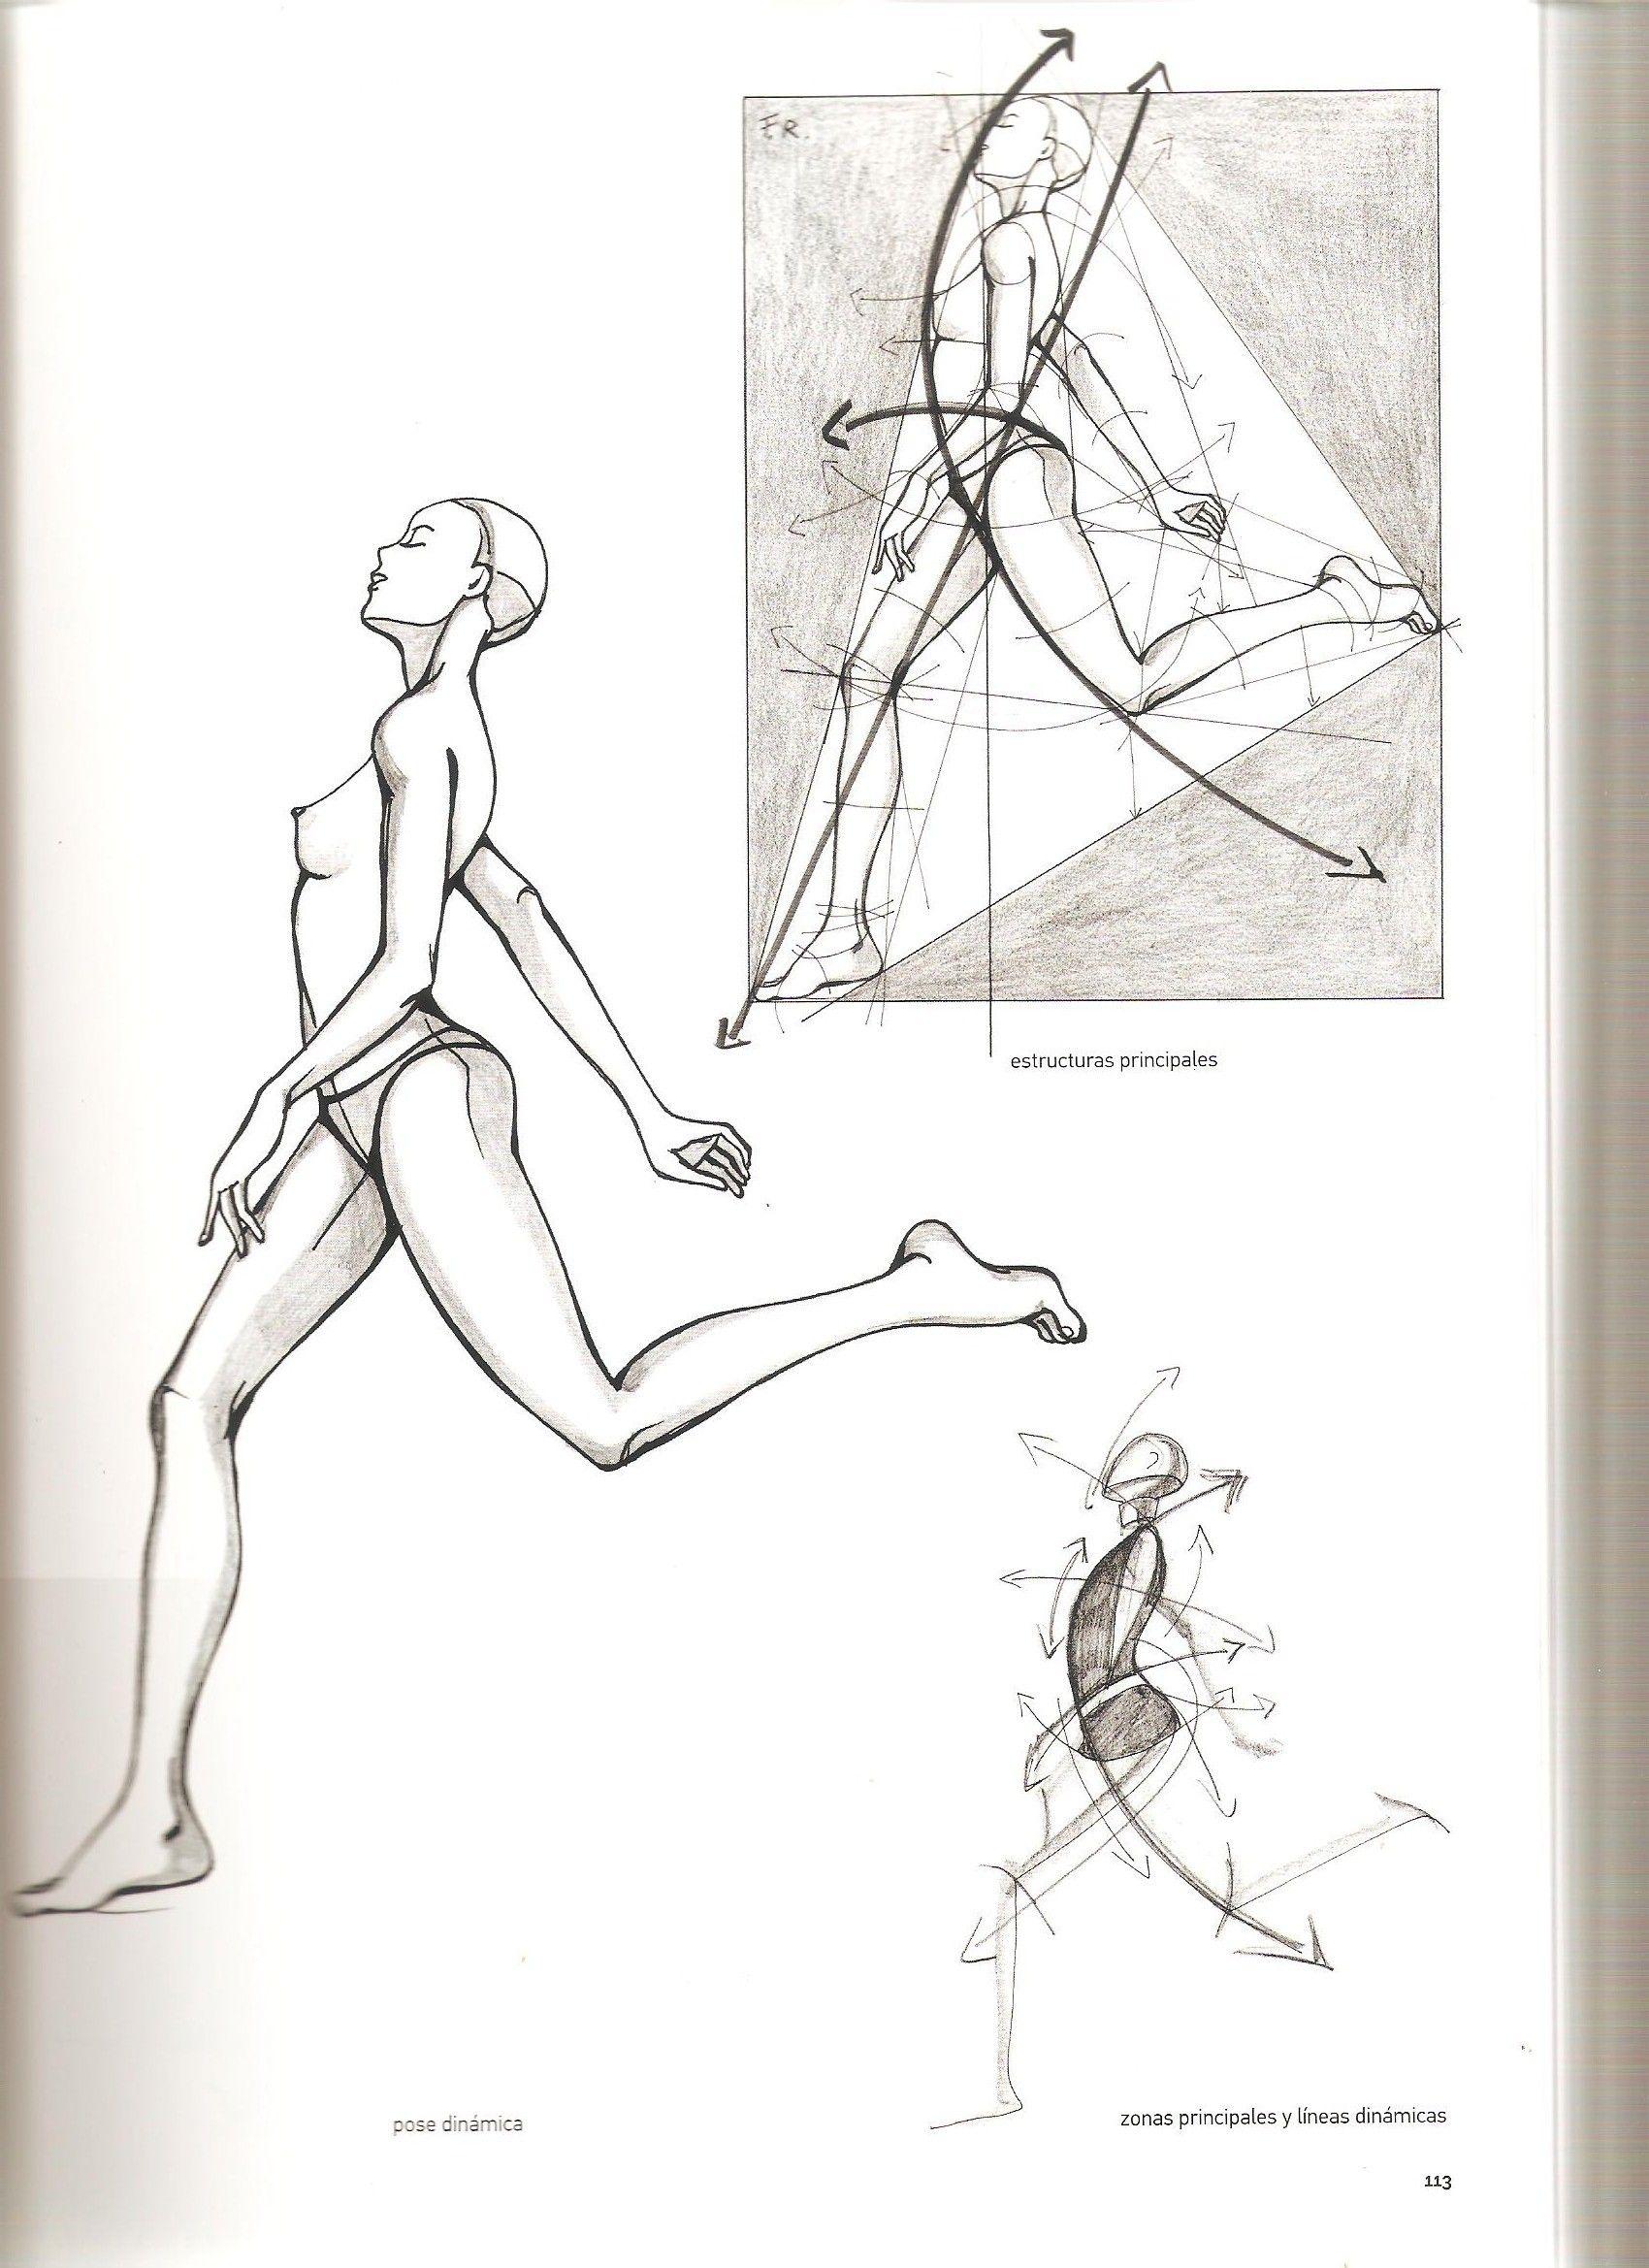 Ilustración de la moda básica. | Pinterest | Dibujo, Anatomía y ...